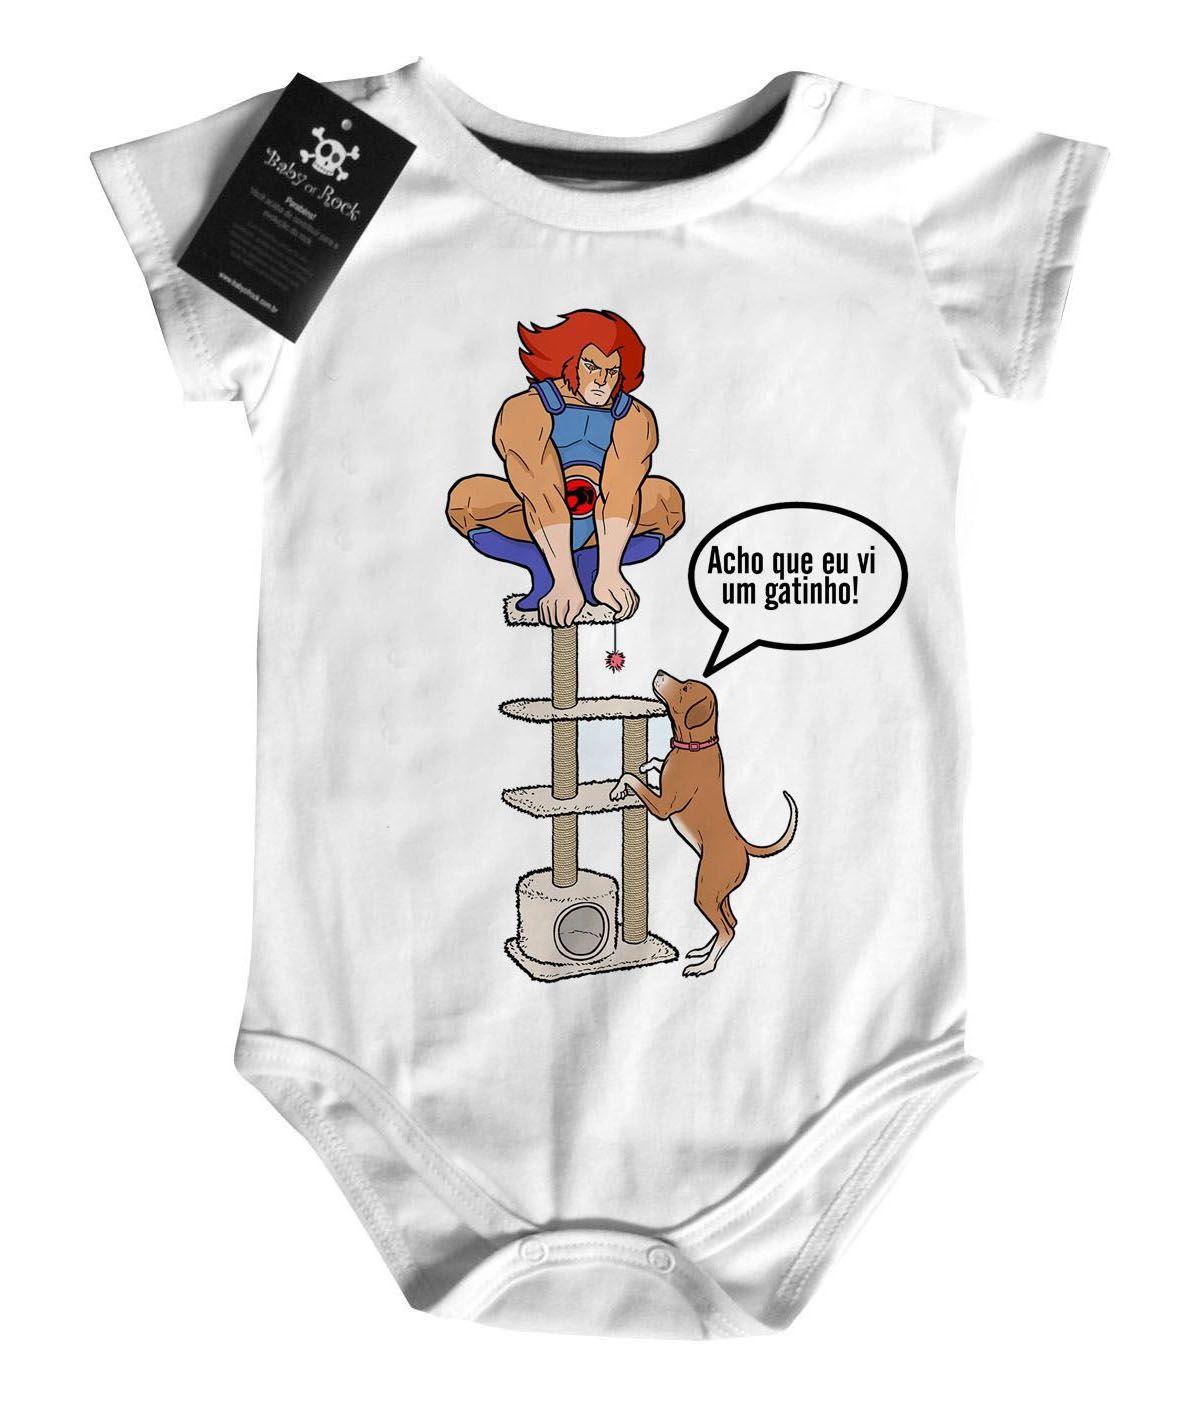 Body Bebê Super Herois -  thundercat - White  - Baby Monster S/A